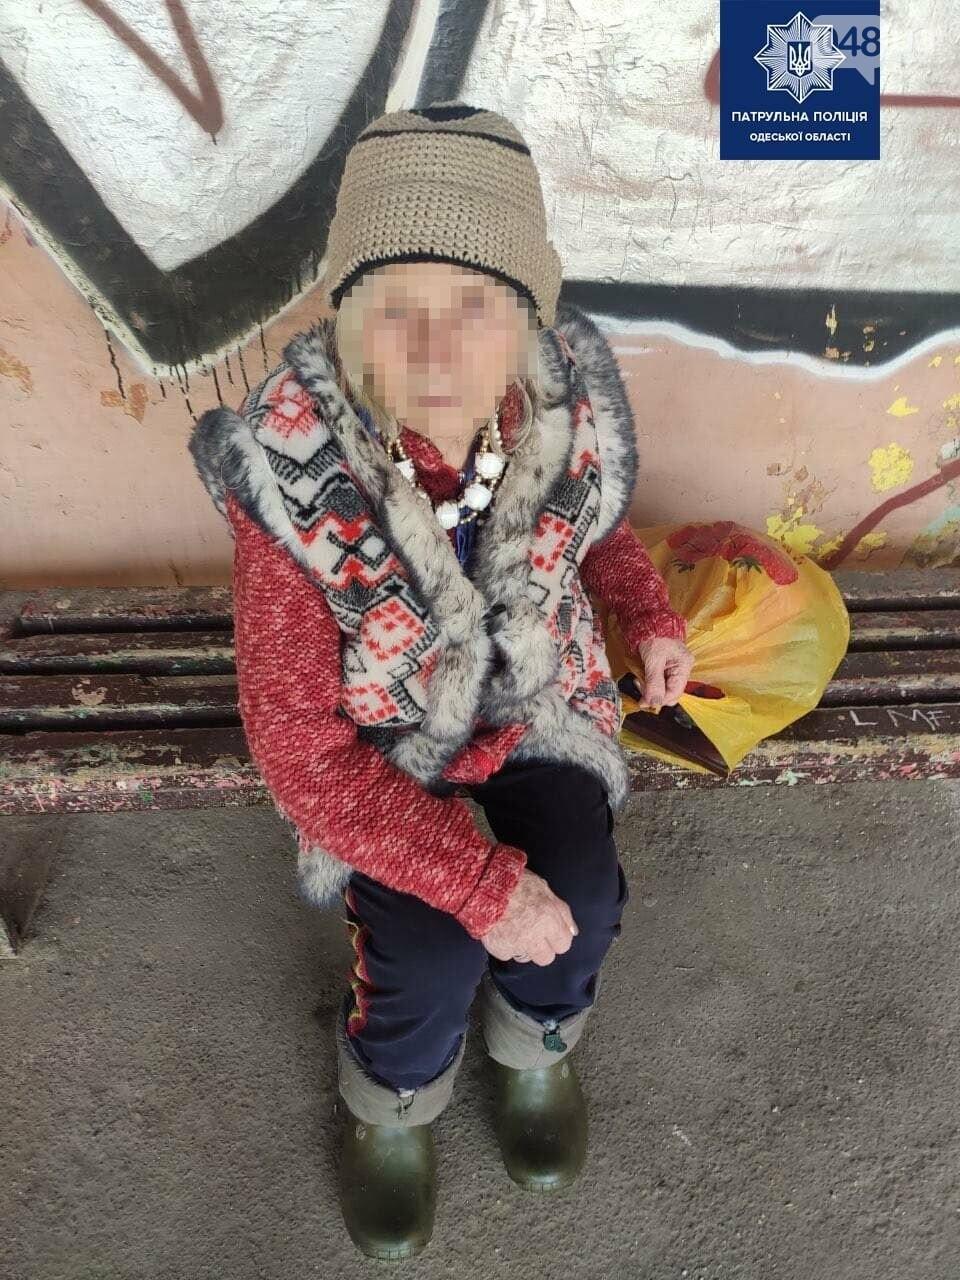 Забыла как оказалась на улице и где живет: в Одессе потерялась 92-летняя женщина, - ФОТО, фото-1